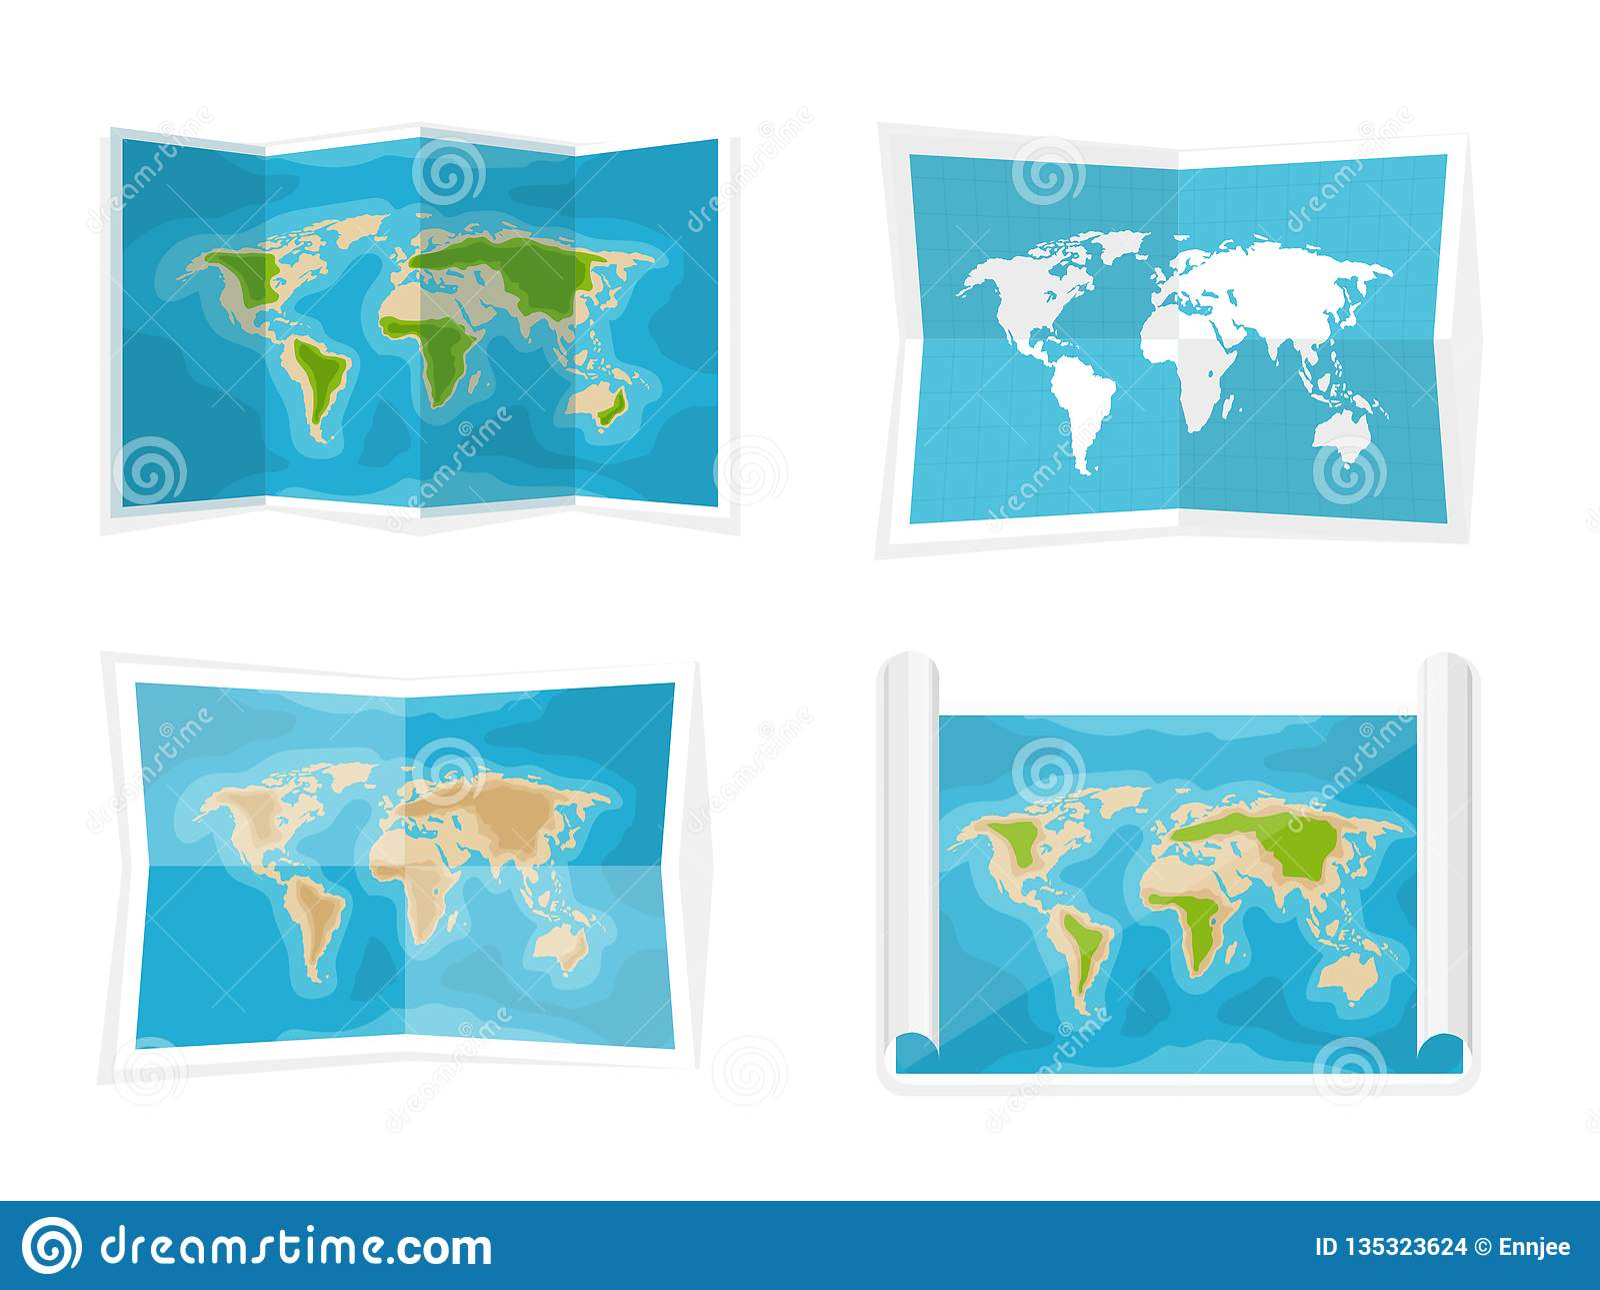 De kaart van de wereld Vector illustratie nearsighted Afrika Antarctica Australië Eurasia Noord-Amerika